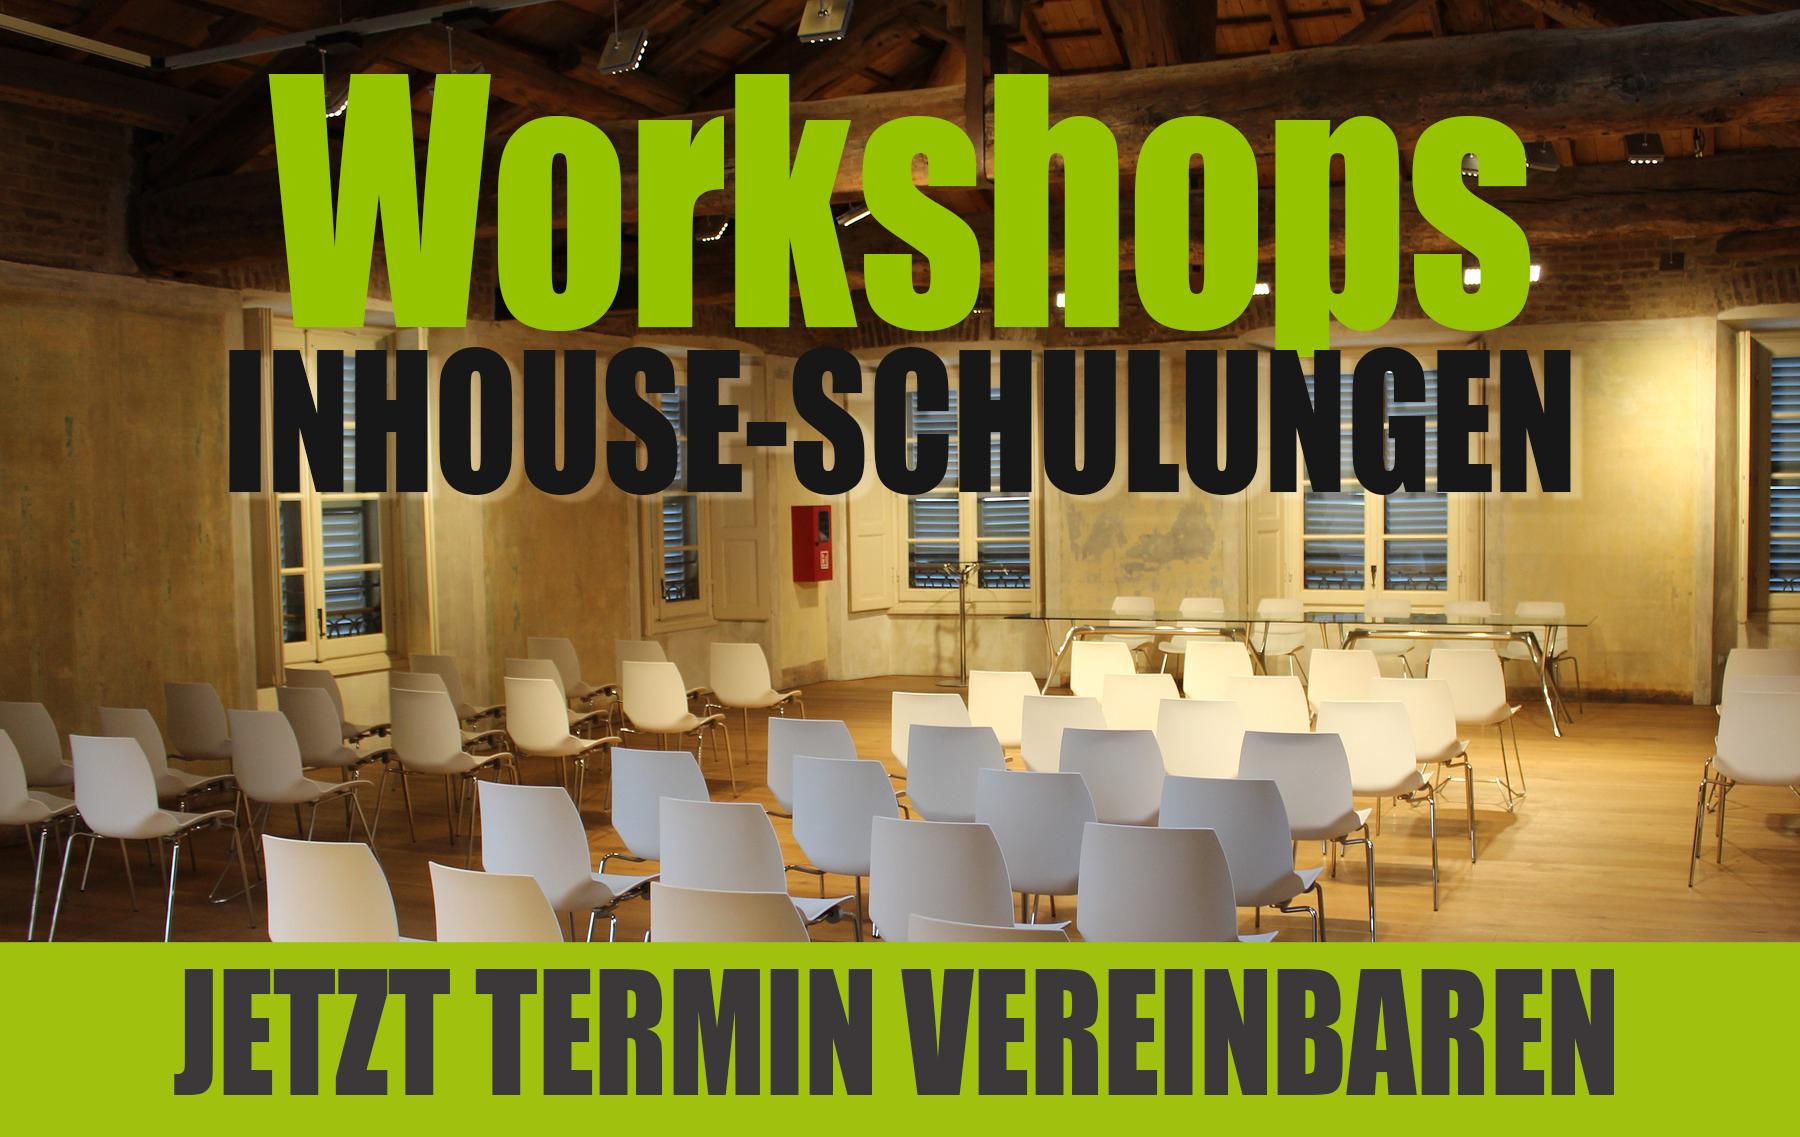 Workshops, Inhouse-Schulungen von DIGITAL Marketing Expert | mai projekte